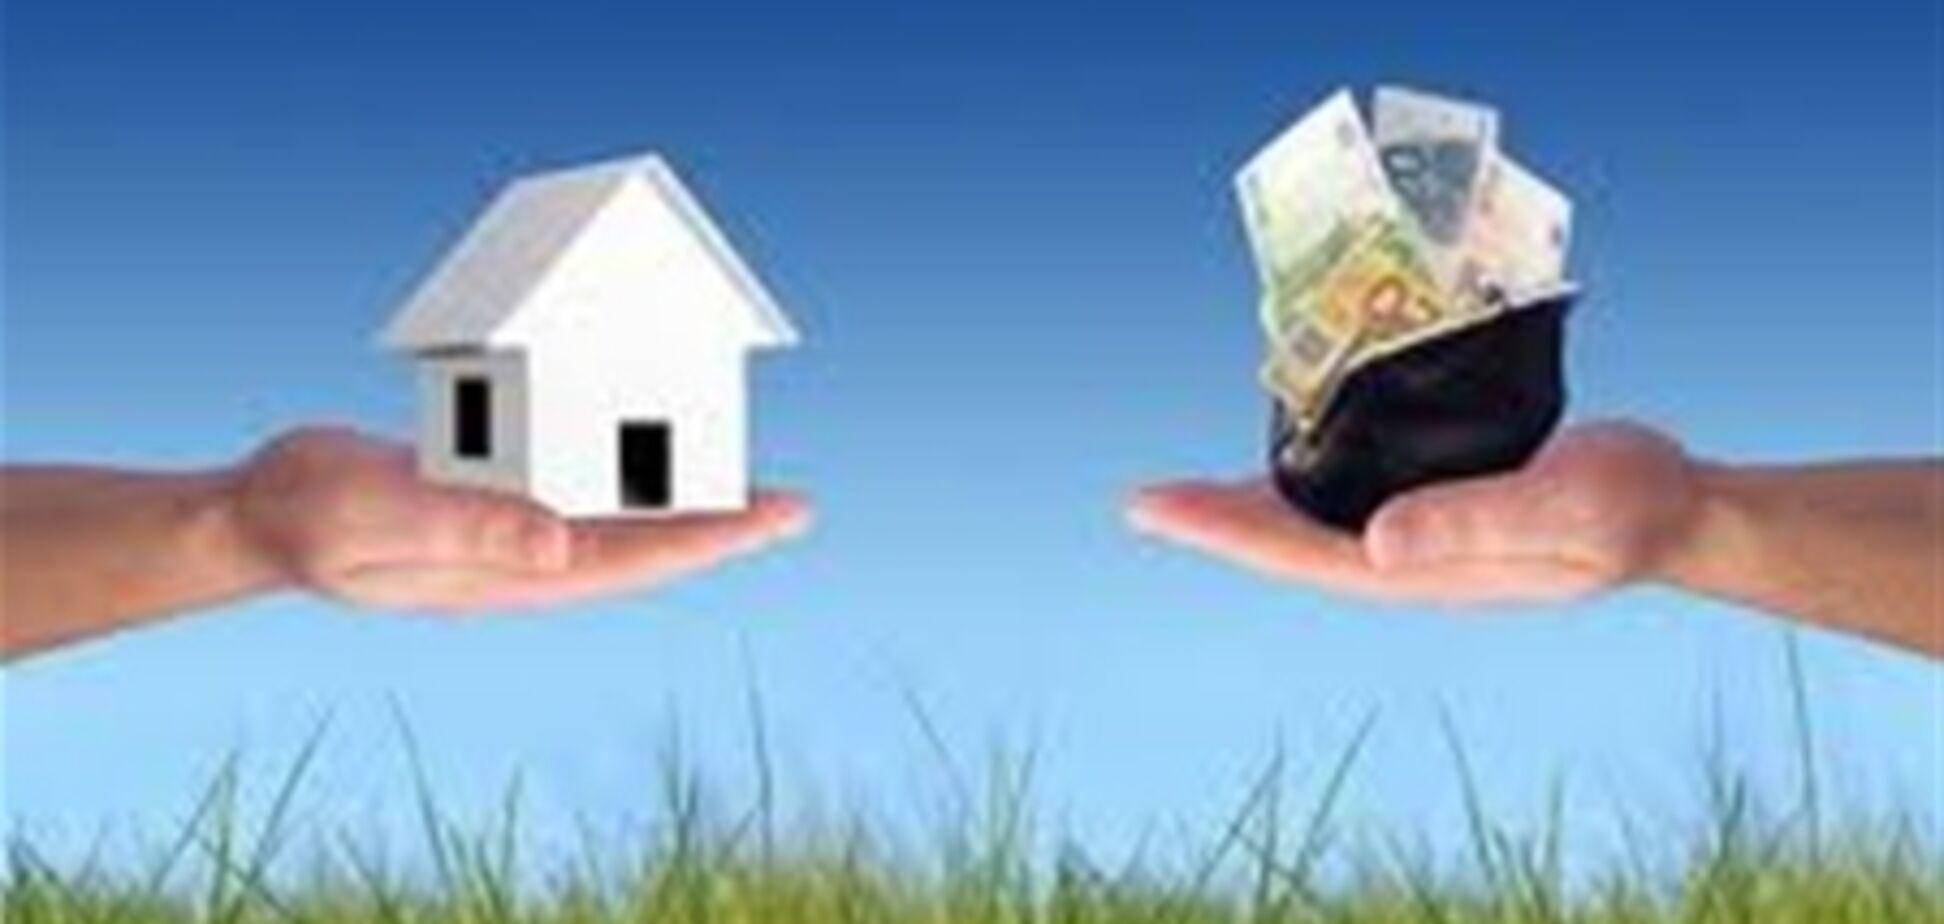 Сделает ли ипотека доступнее рынок недвижимости?